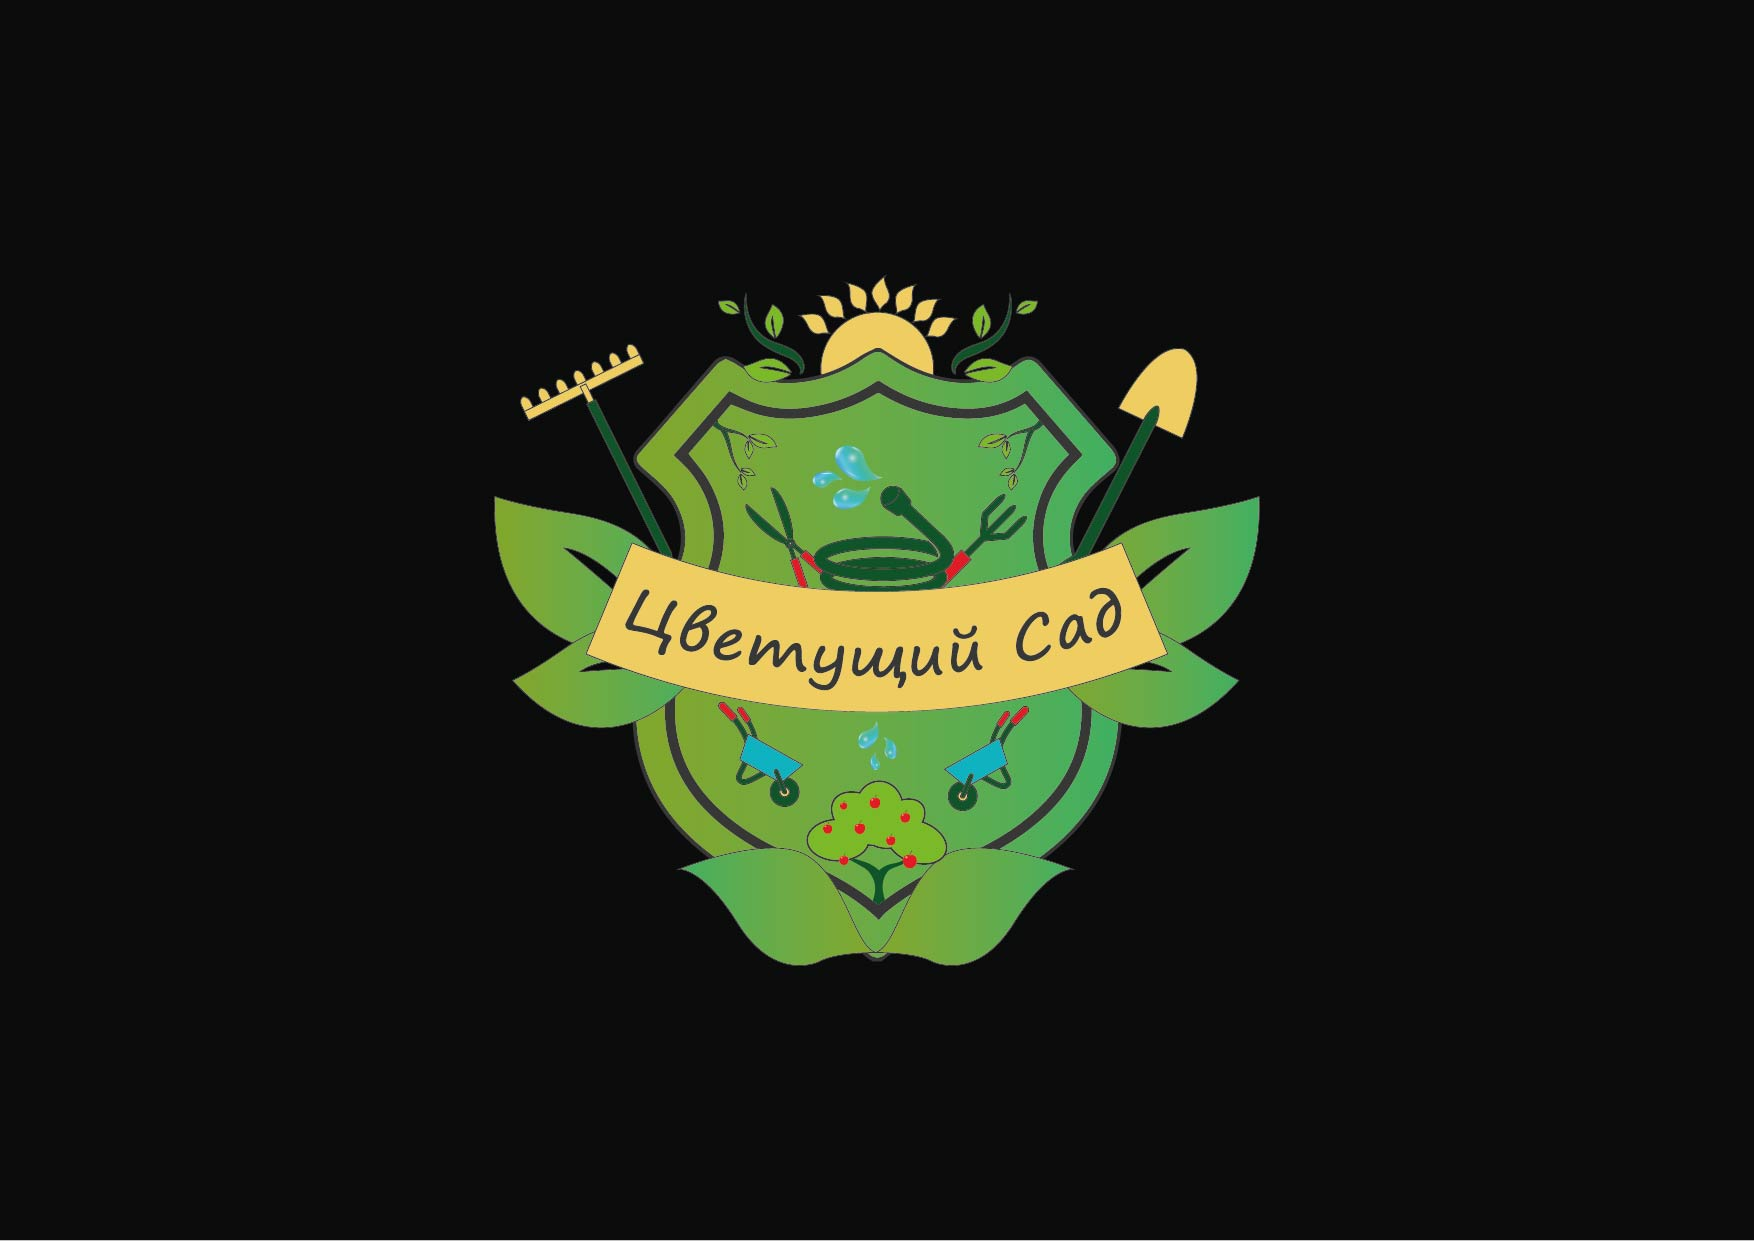 """Логотип для компании """"Цветущий сад"""" фото f_6665b76b4dc6e4e2.jpg"""